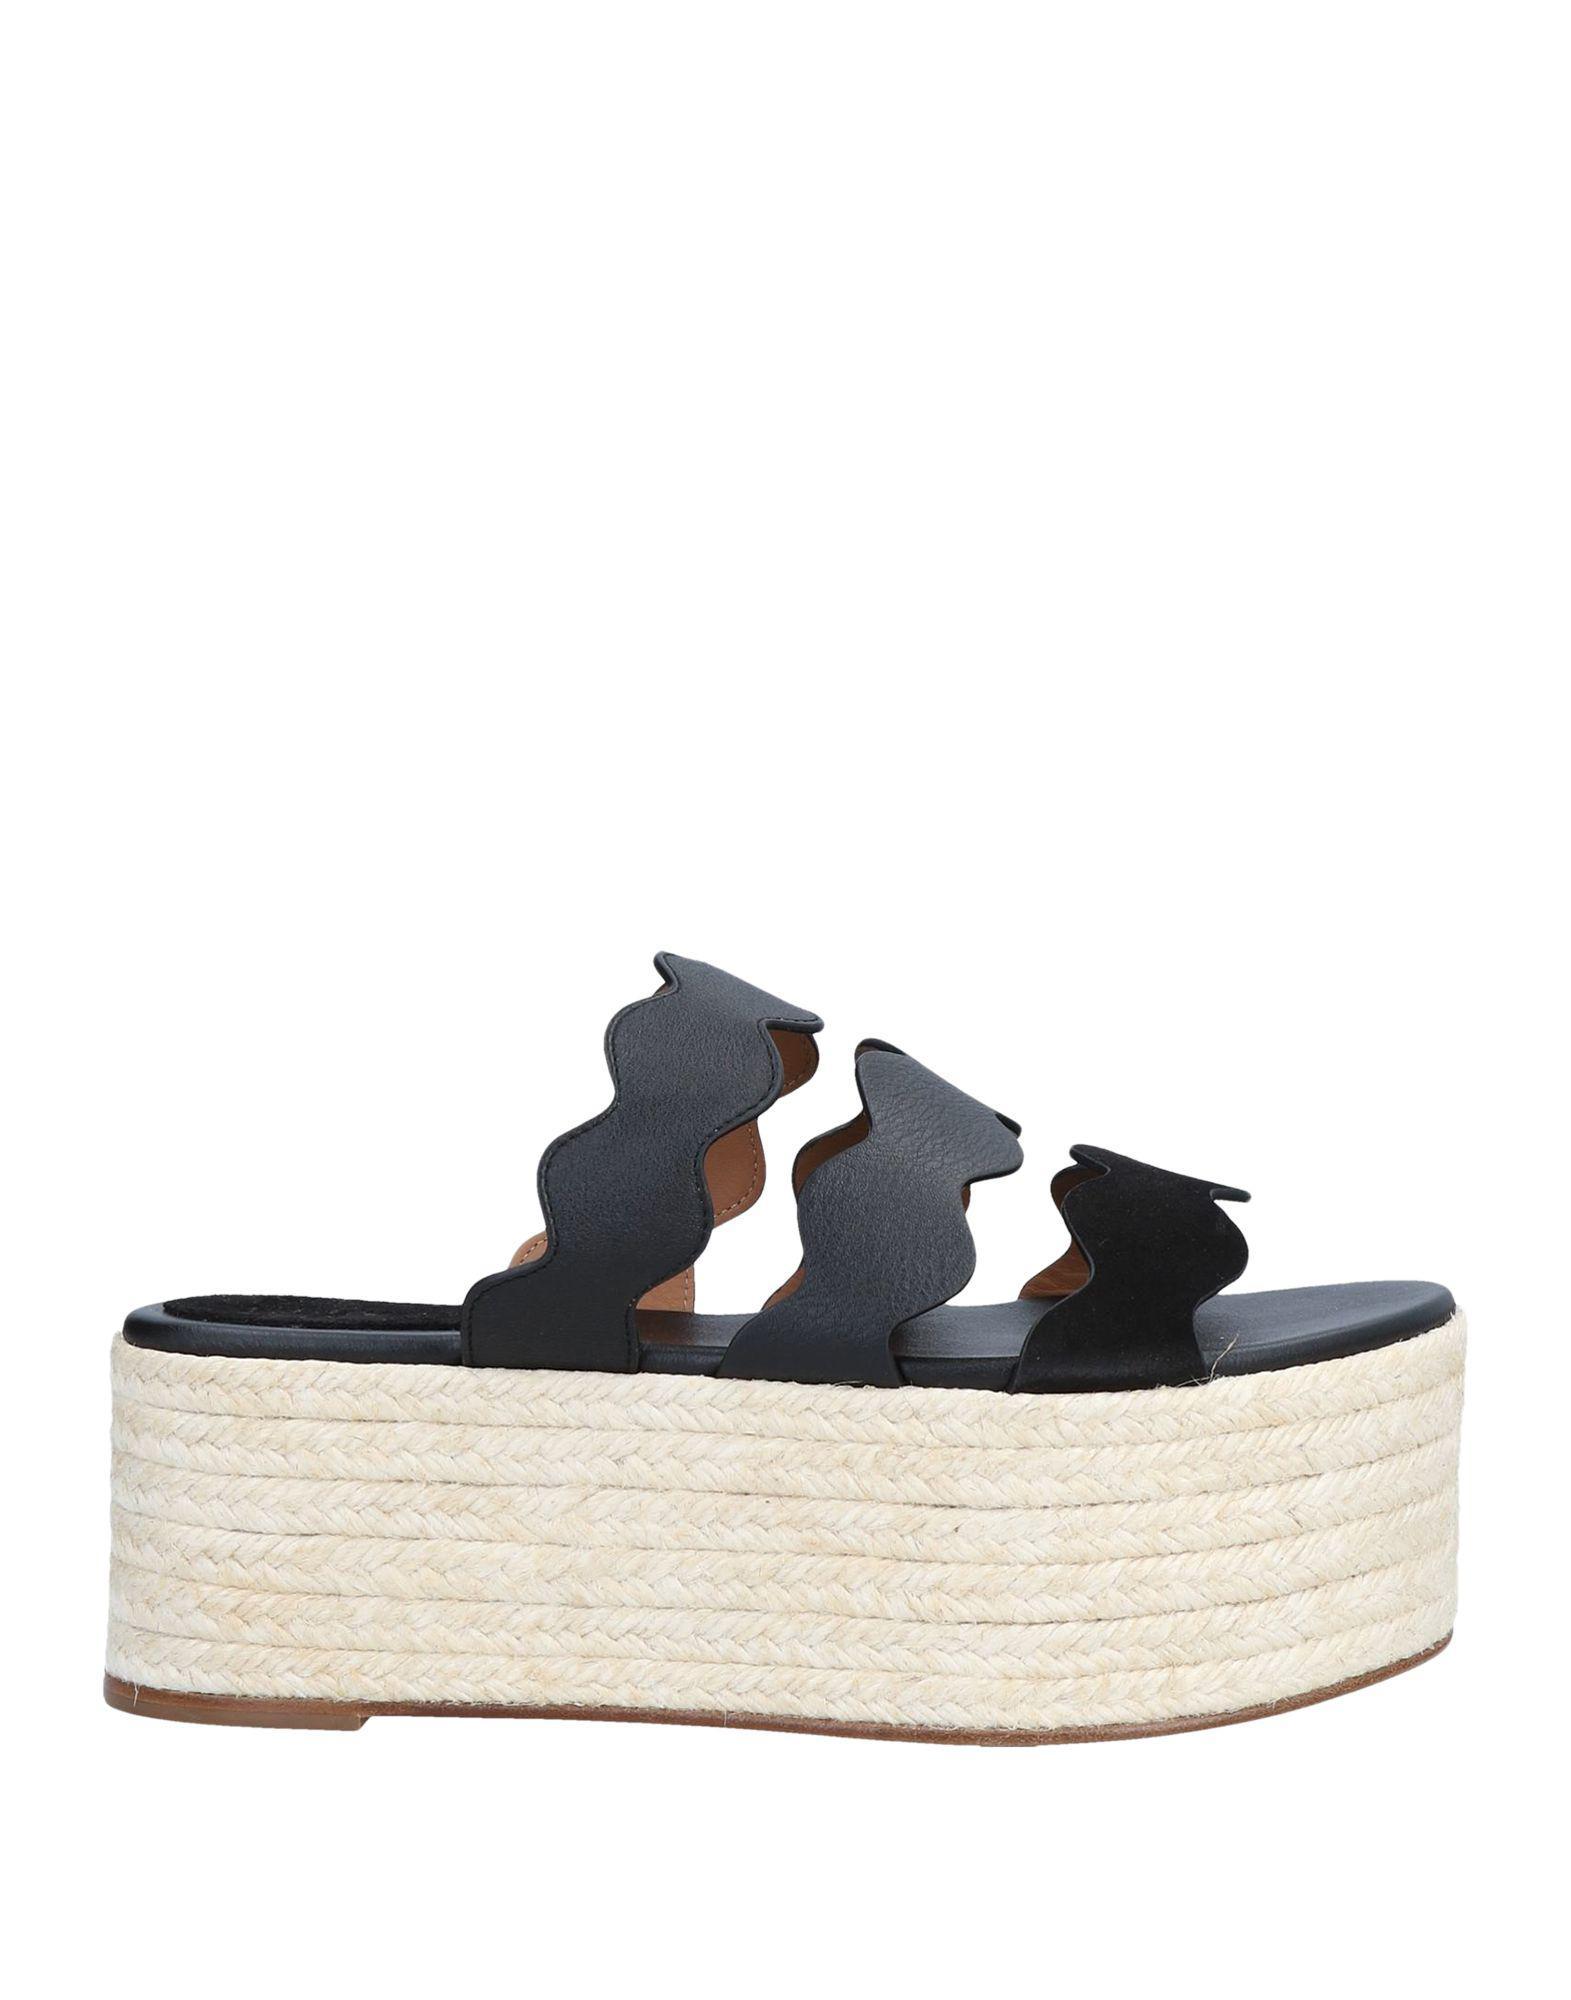 6e289e18576 Lyst - Chloé Sandals in Black